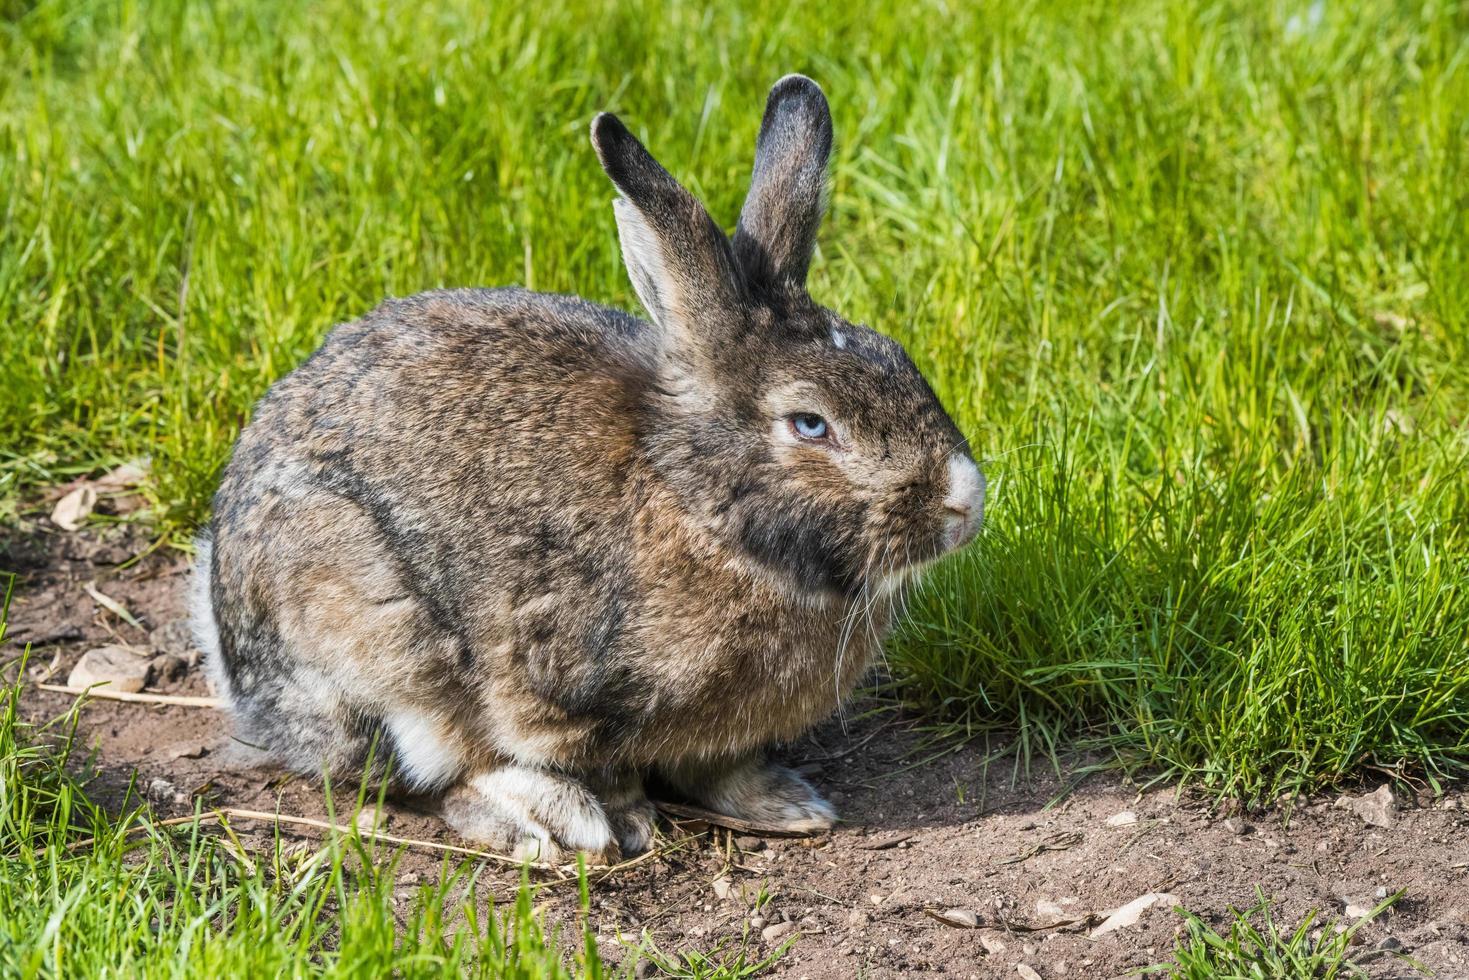 lepre coniglio grigio seduto sull'erba verde foto